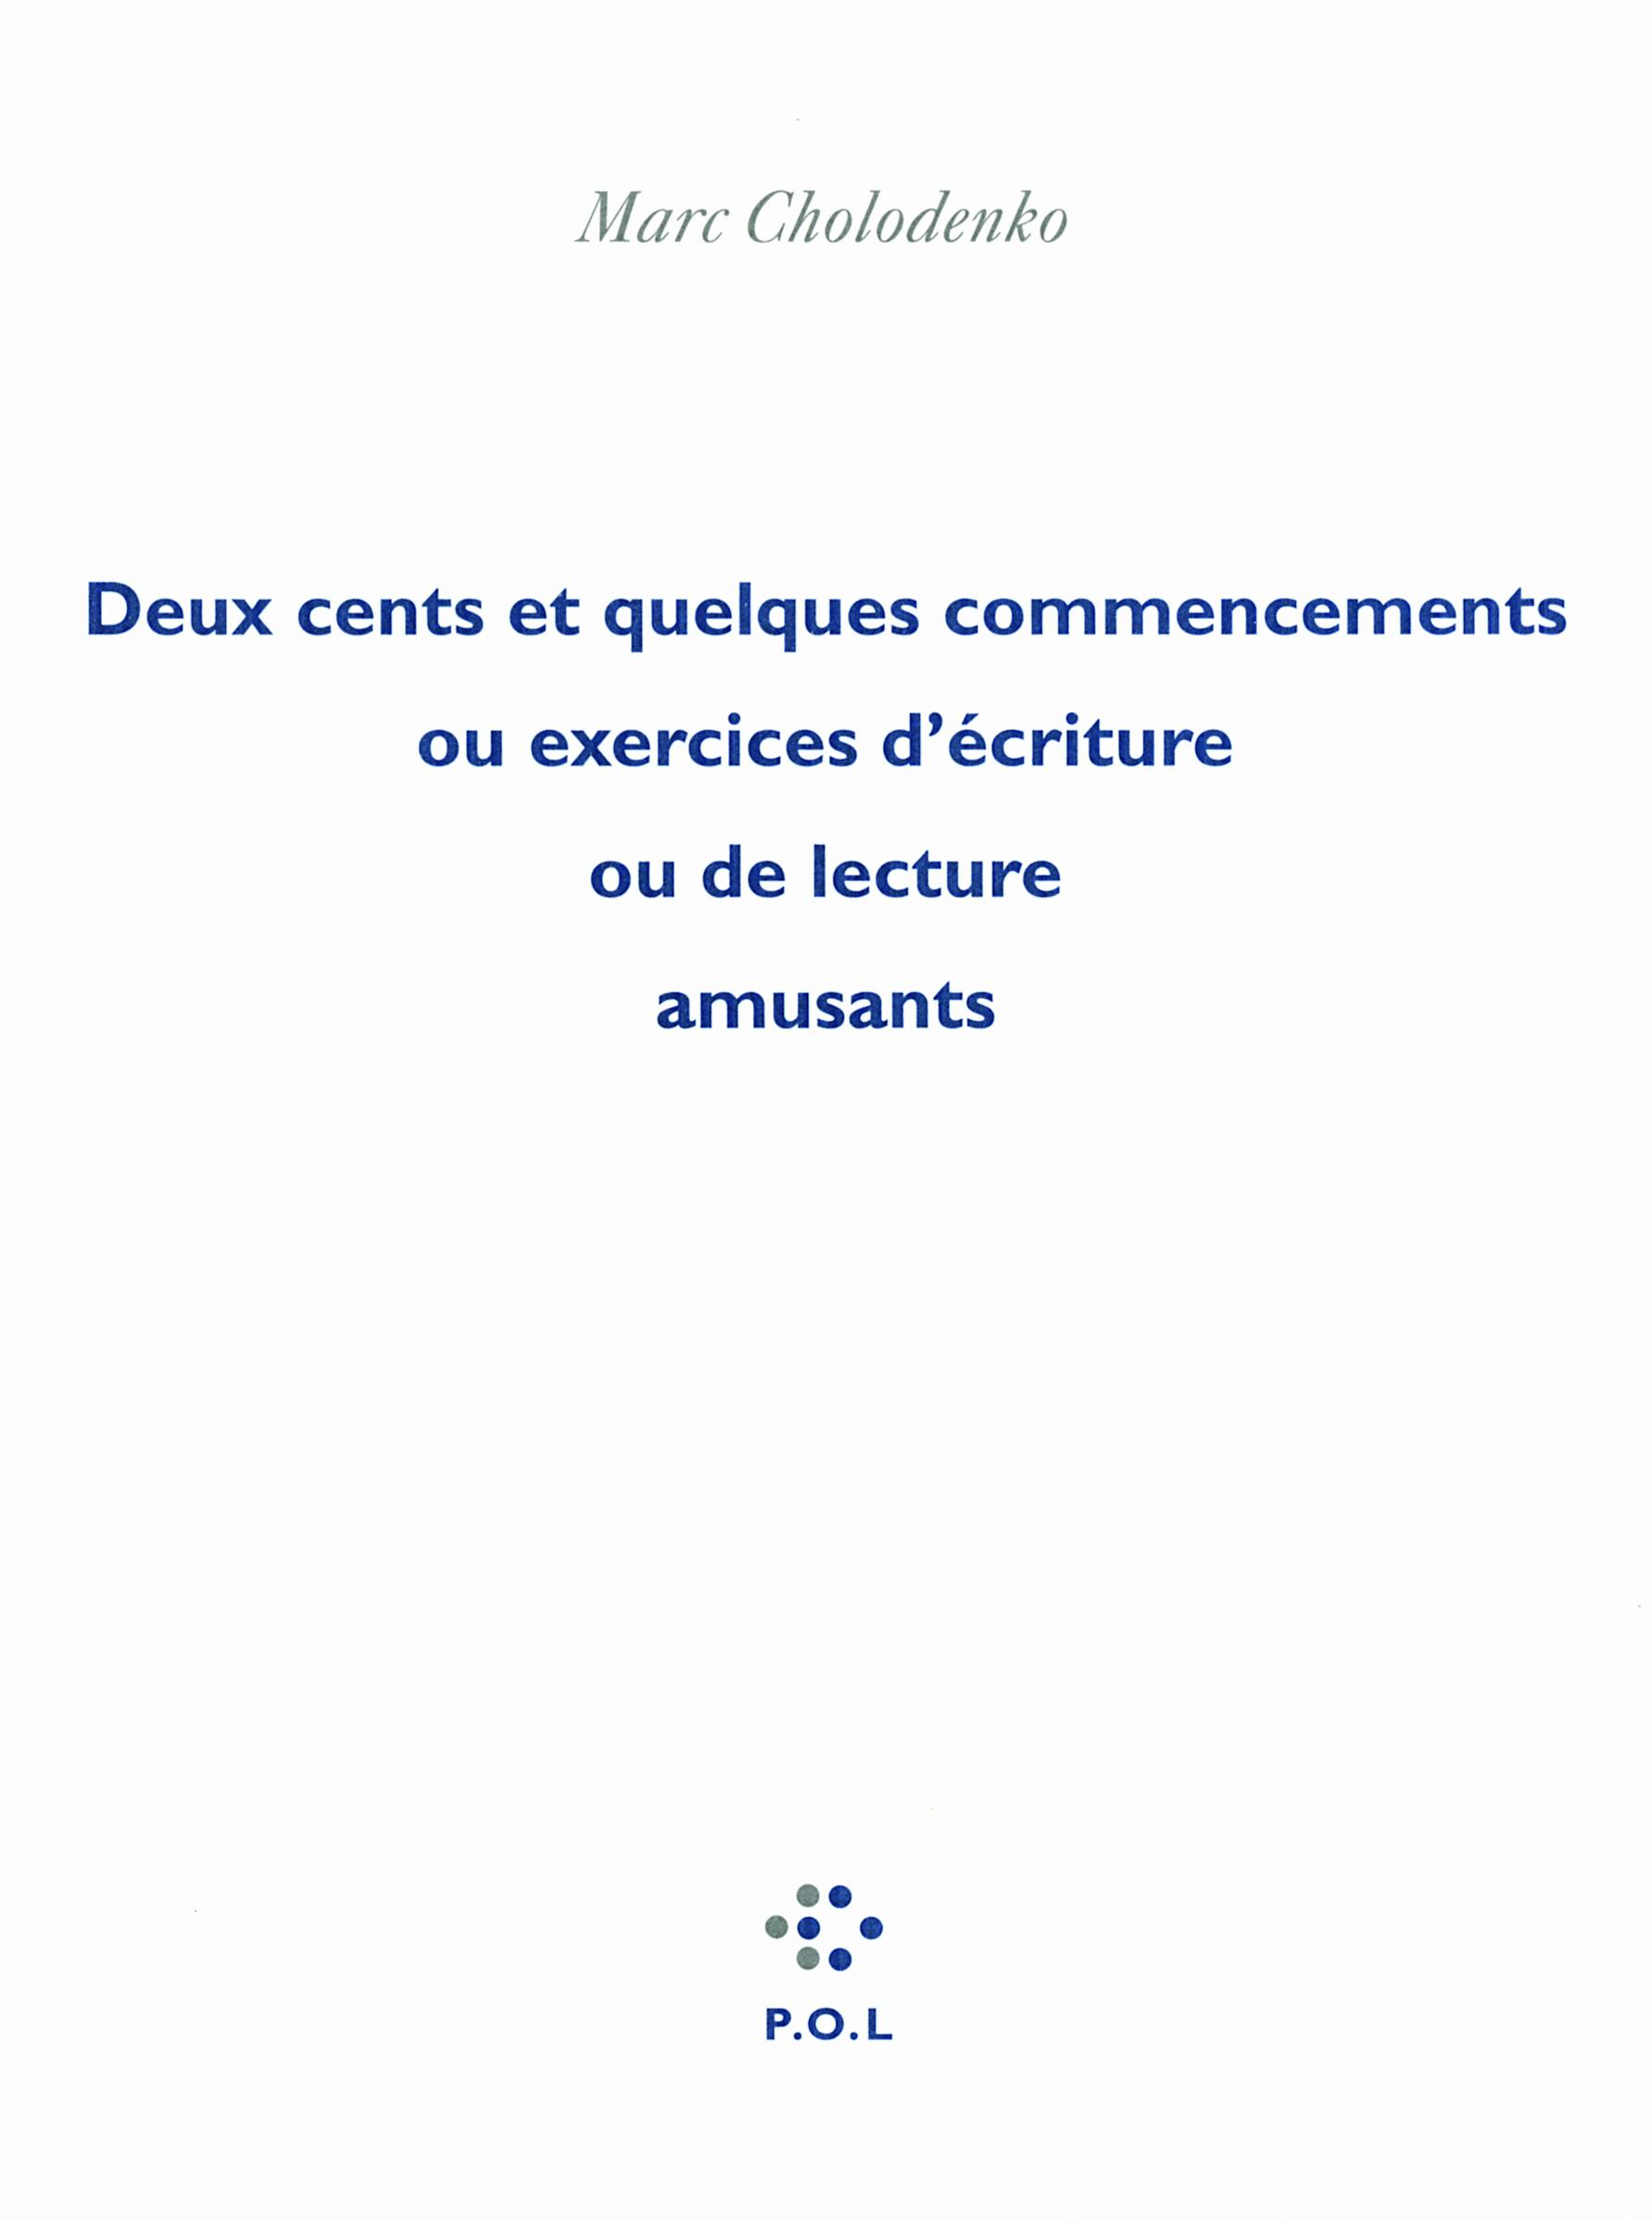 DEUX CENTS ET QUELQUES COMMENCEMENTS OU EXERCICES D'ECRITURE OU DE LECTURE AMUSANTS